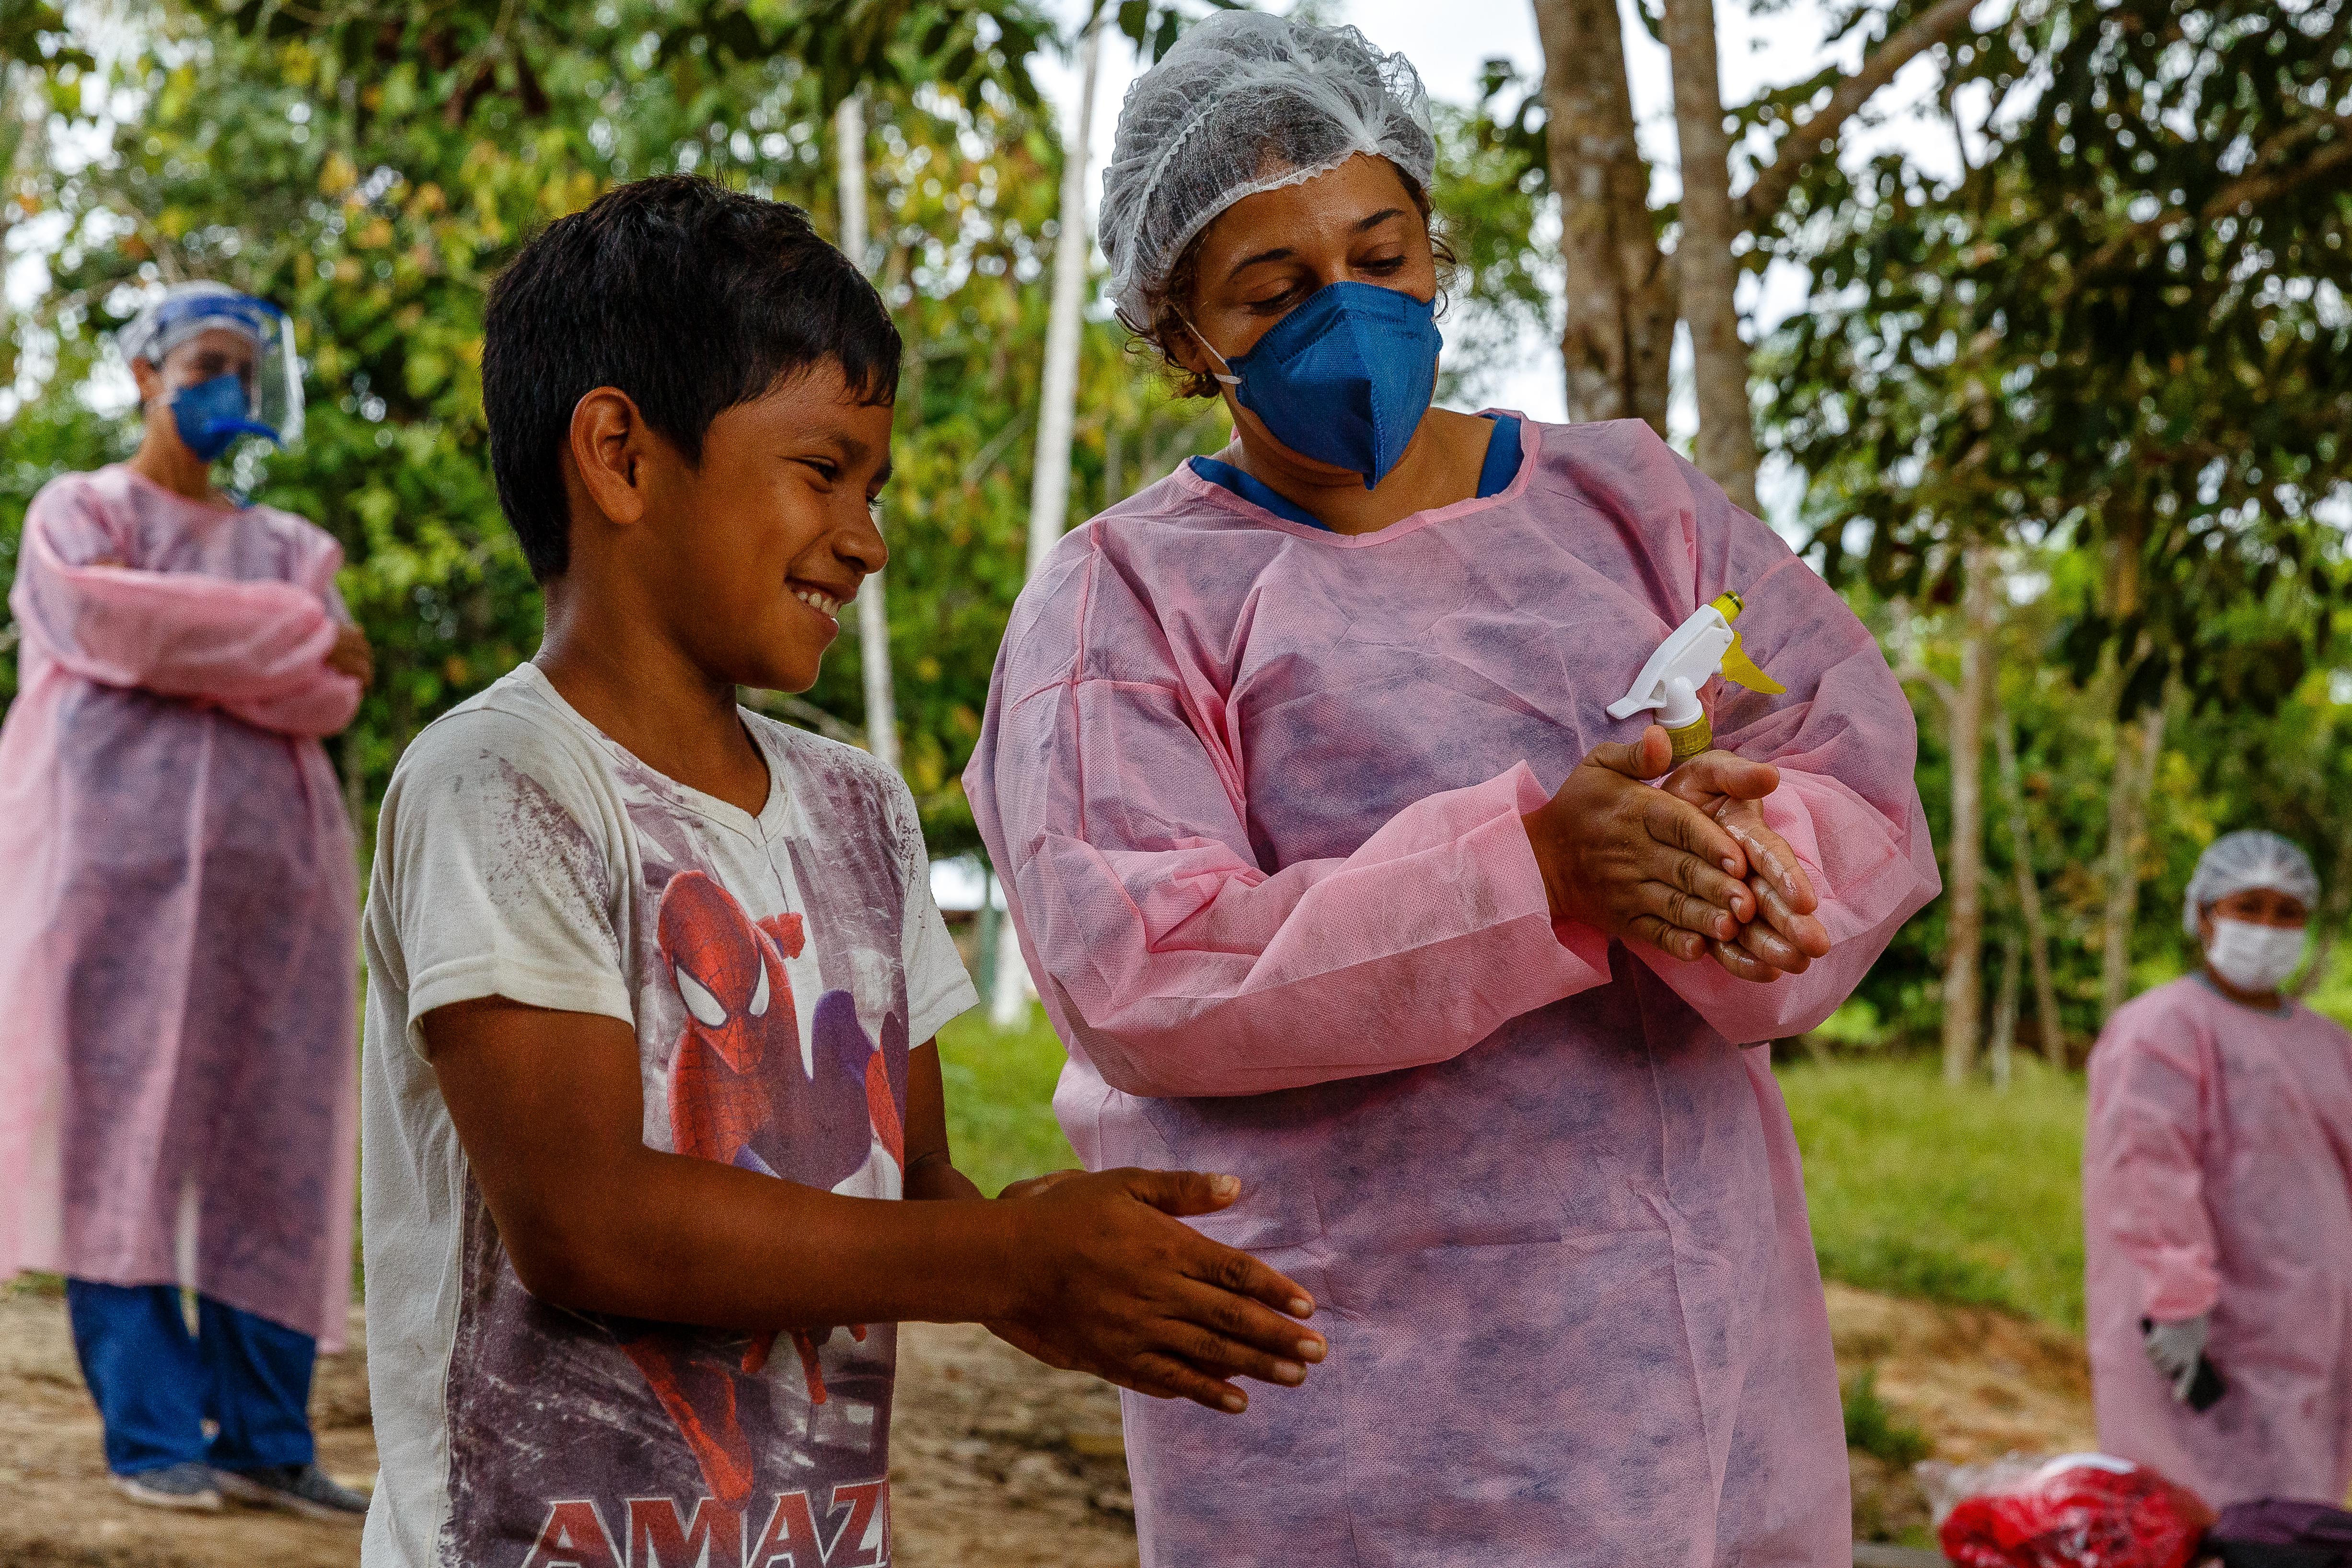 Nara Duarte, infirmière MSF, enseigne à un enfant la manière dont on se lave correctement les mains. État d'Amazonas, Brésil, juillet 2020. © Diego Baravelli/MSF.